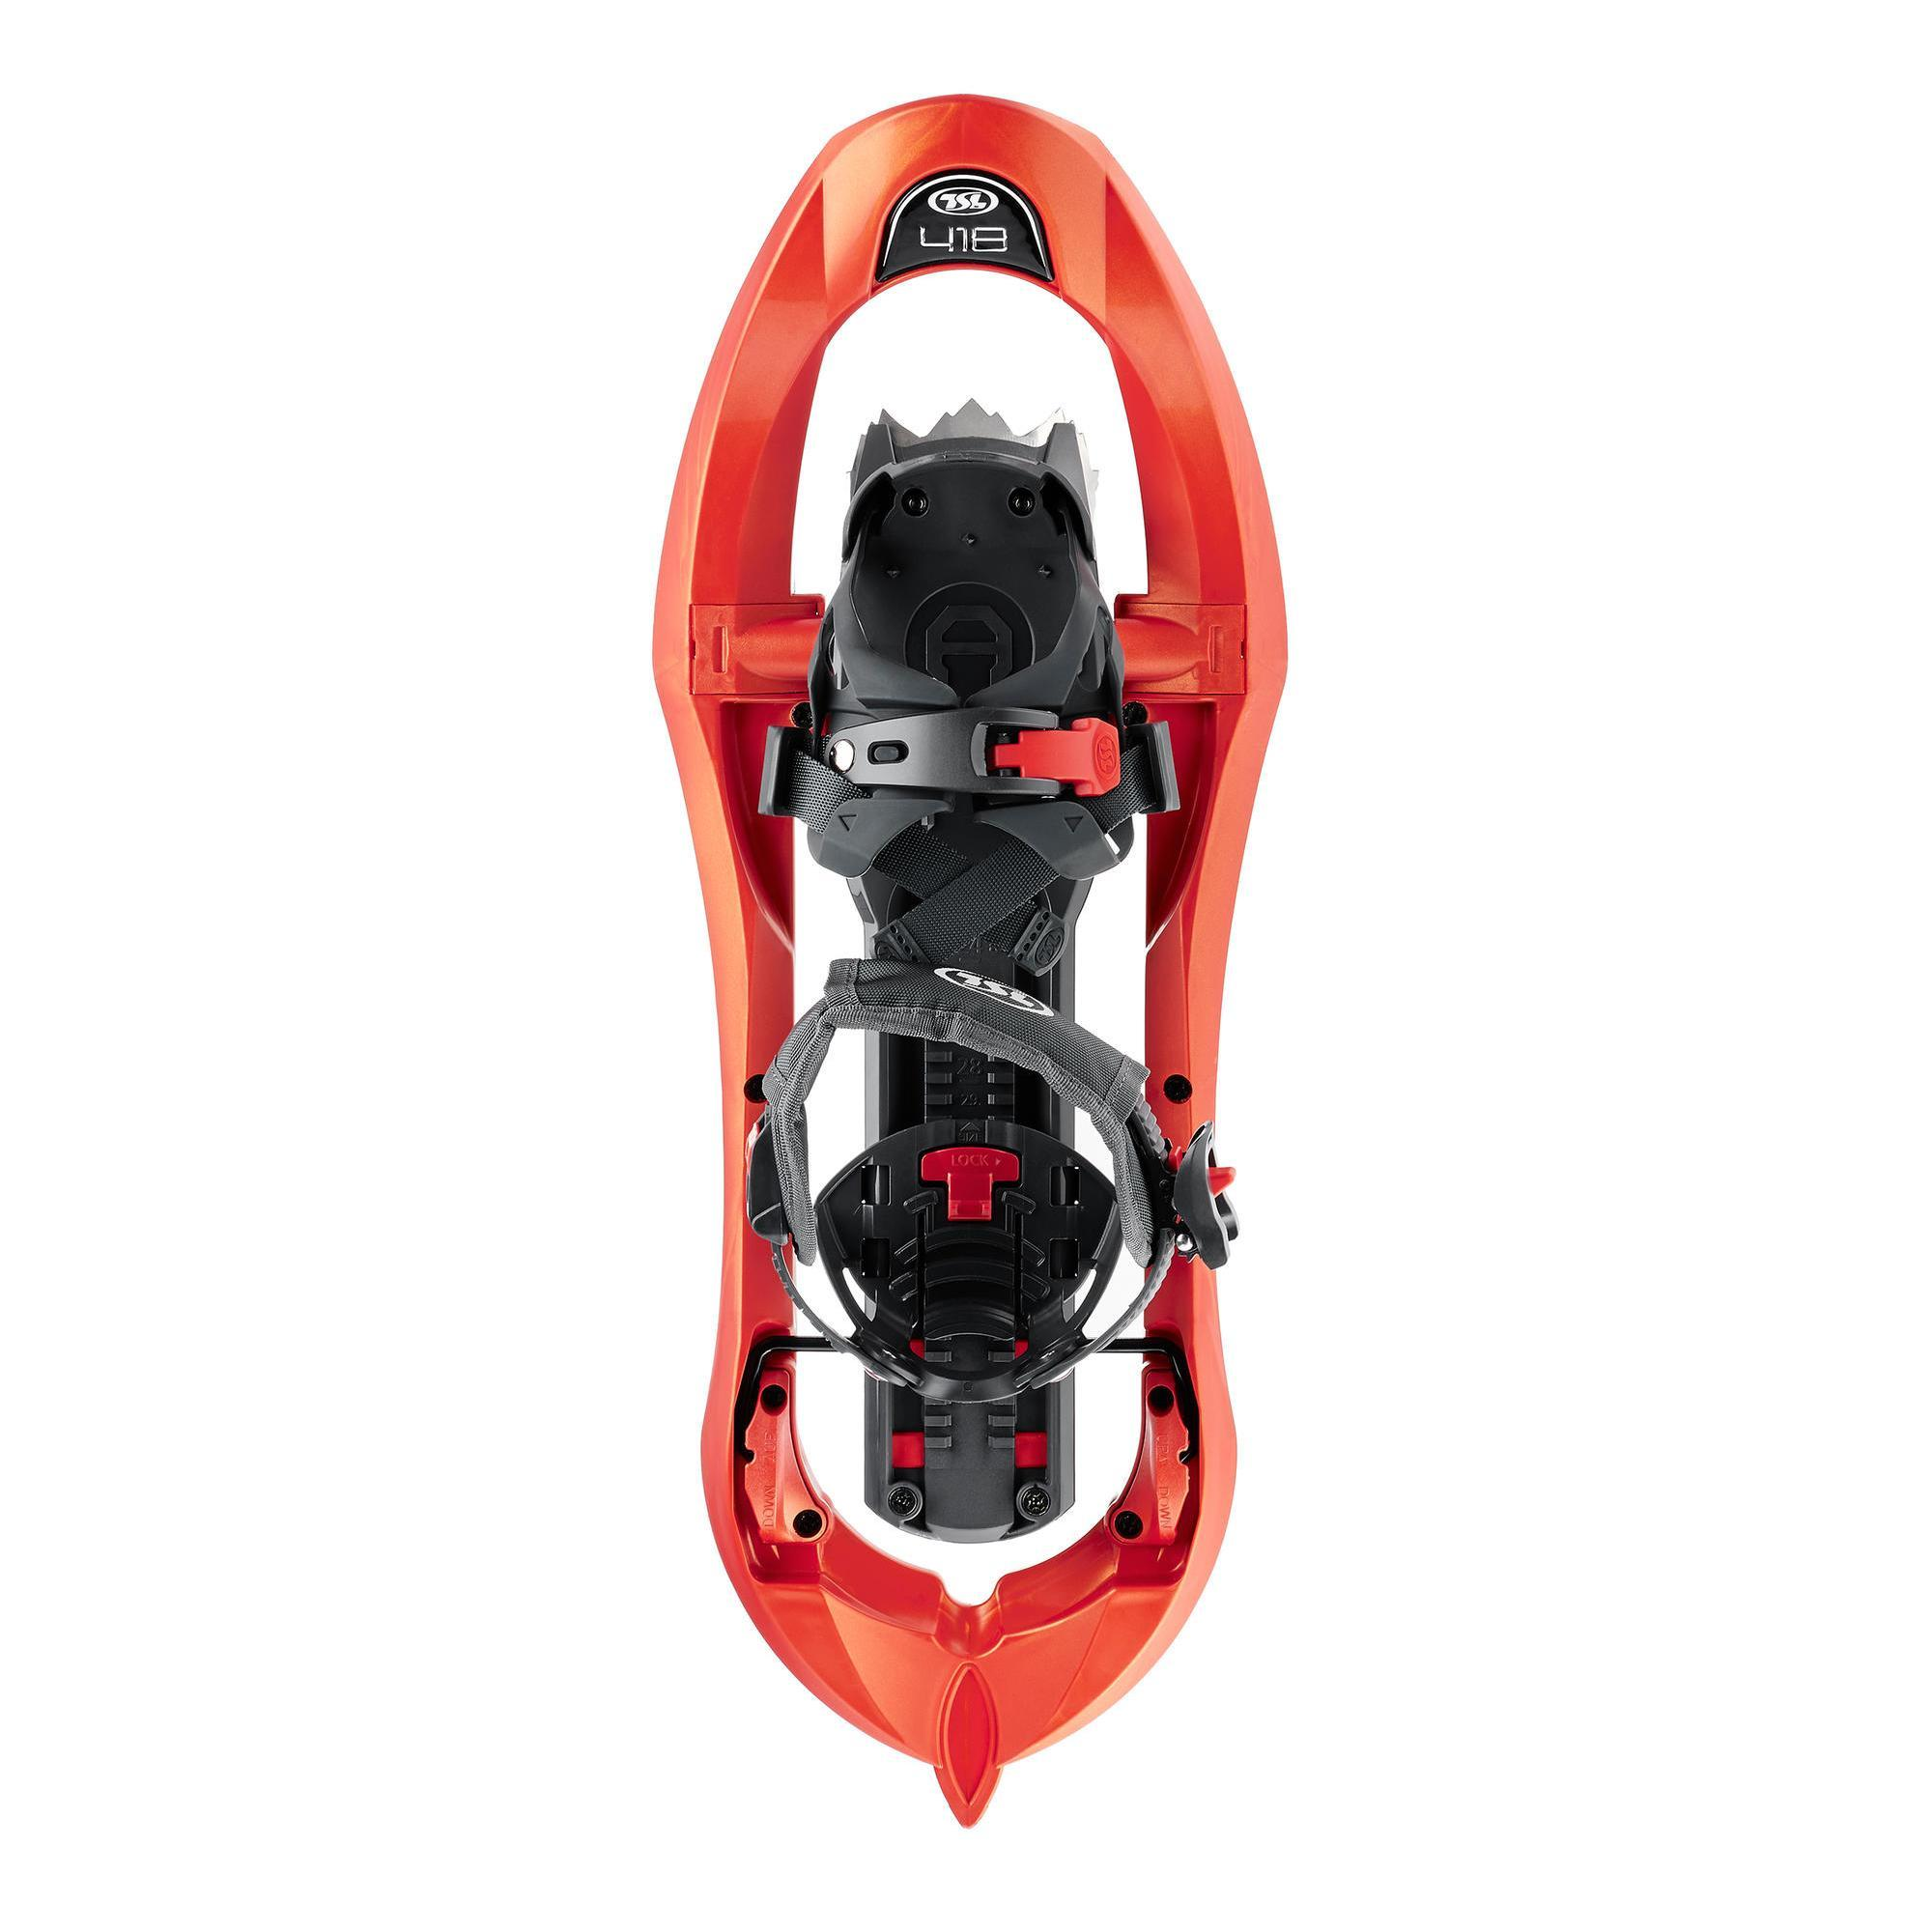 Schneeschuhe TSL 418 Up & Down Grip kleiner Rahmen orange | Schuhe > Sportschuhe > Schneeschuhe | Orange | Tsl